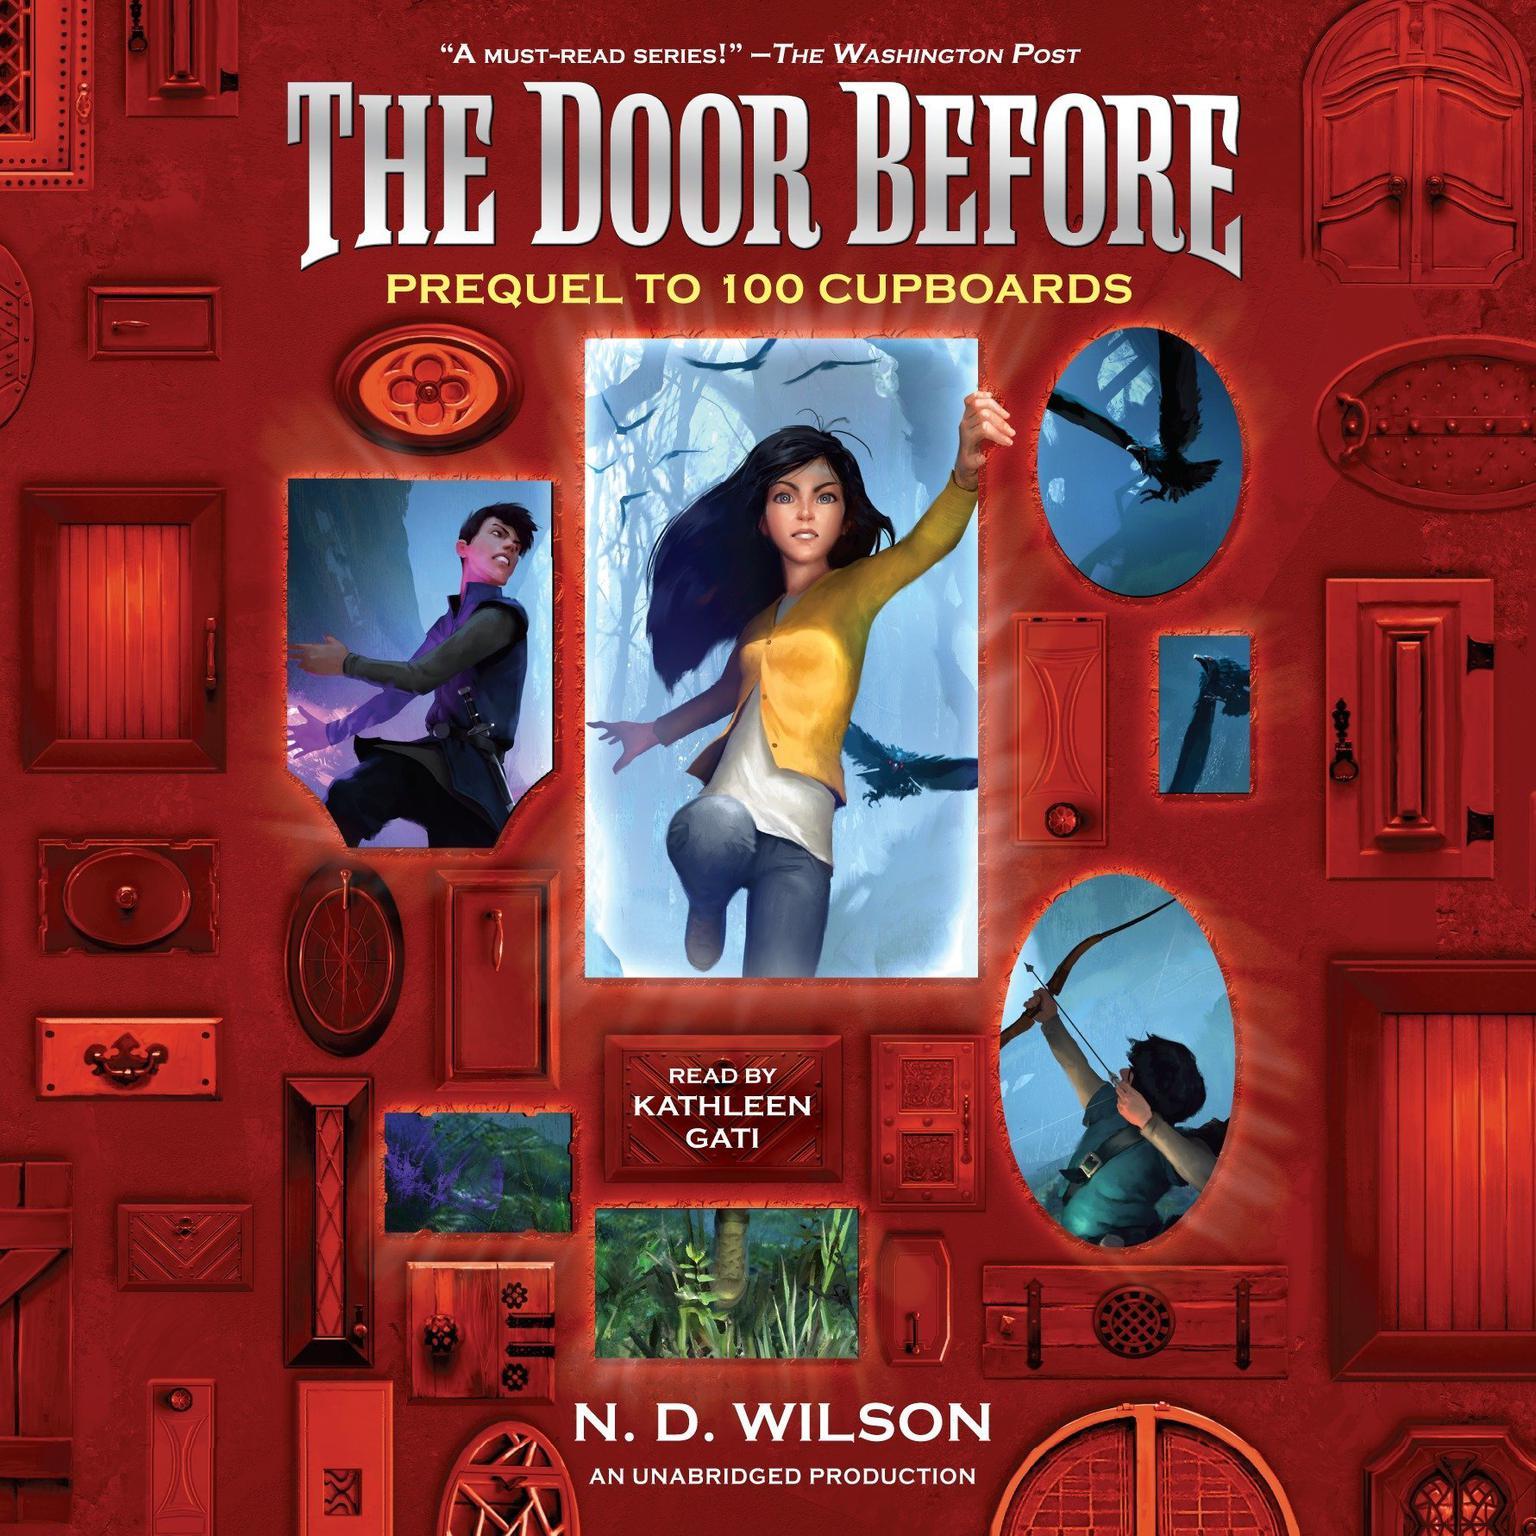 Printable The Door Before (100 Cupboards Prequel) Audiobook Cover Art